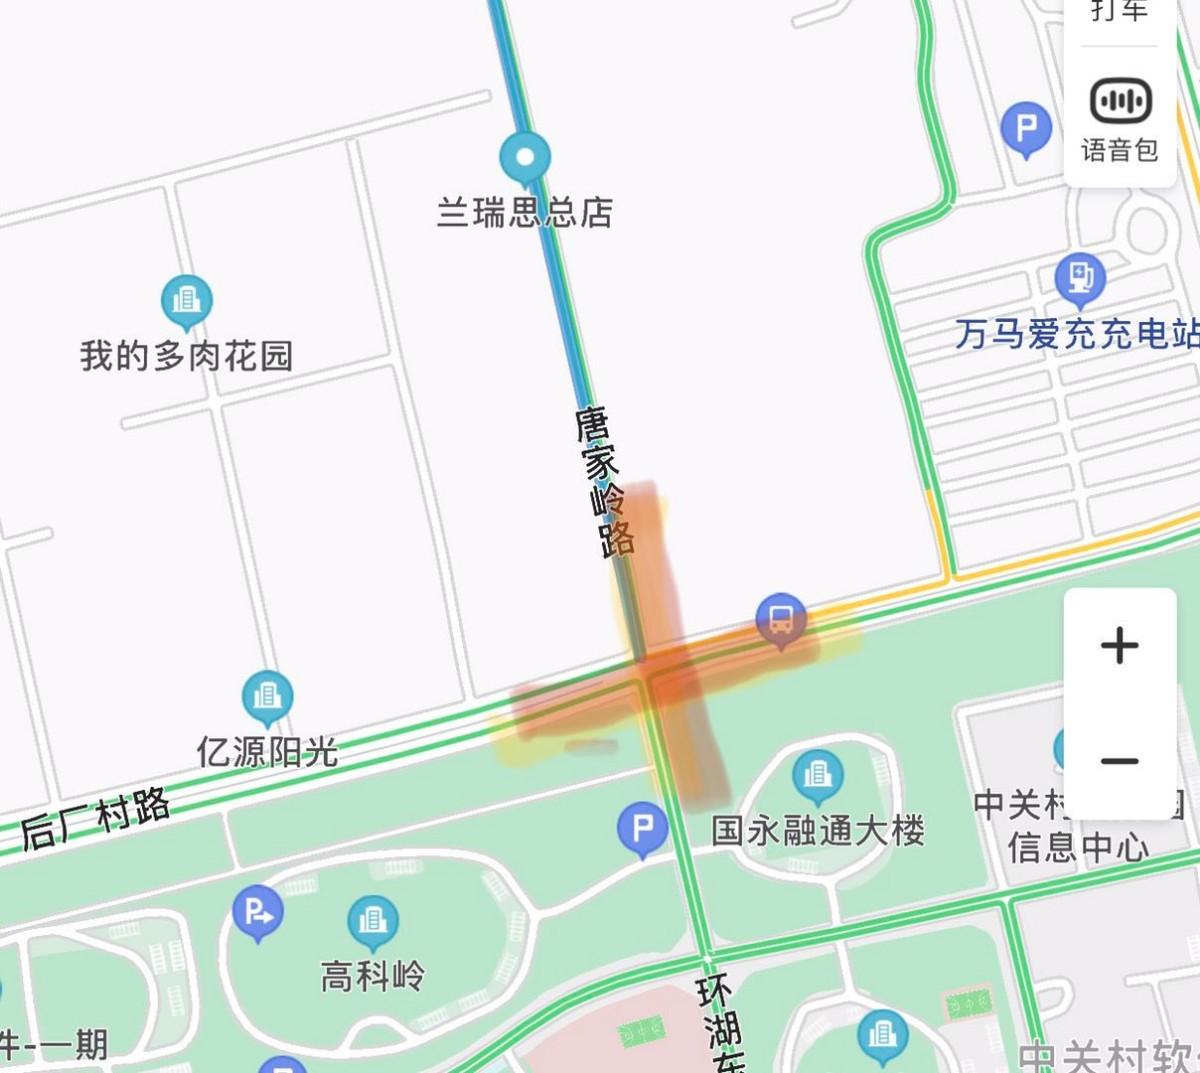 「杏鑫开户」海淀后厂杏鑫开户村朝阳三里屯行车规矩图片